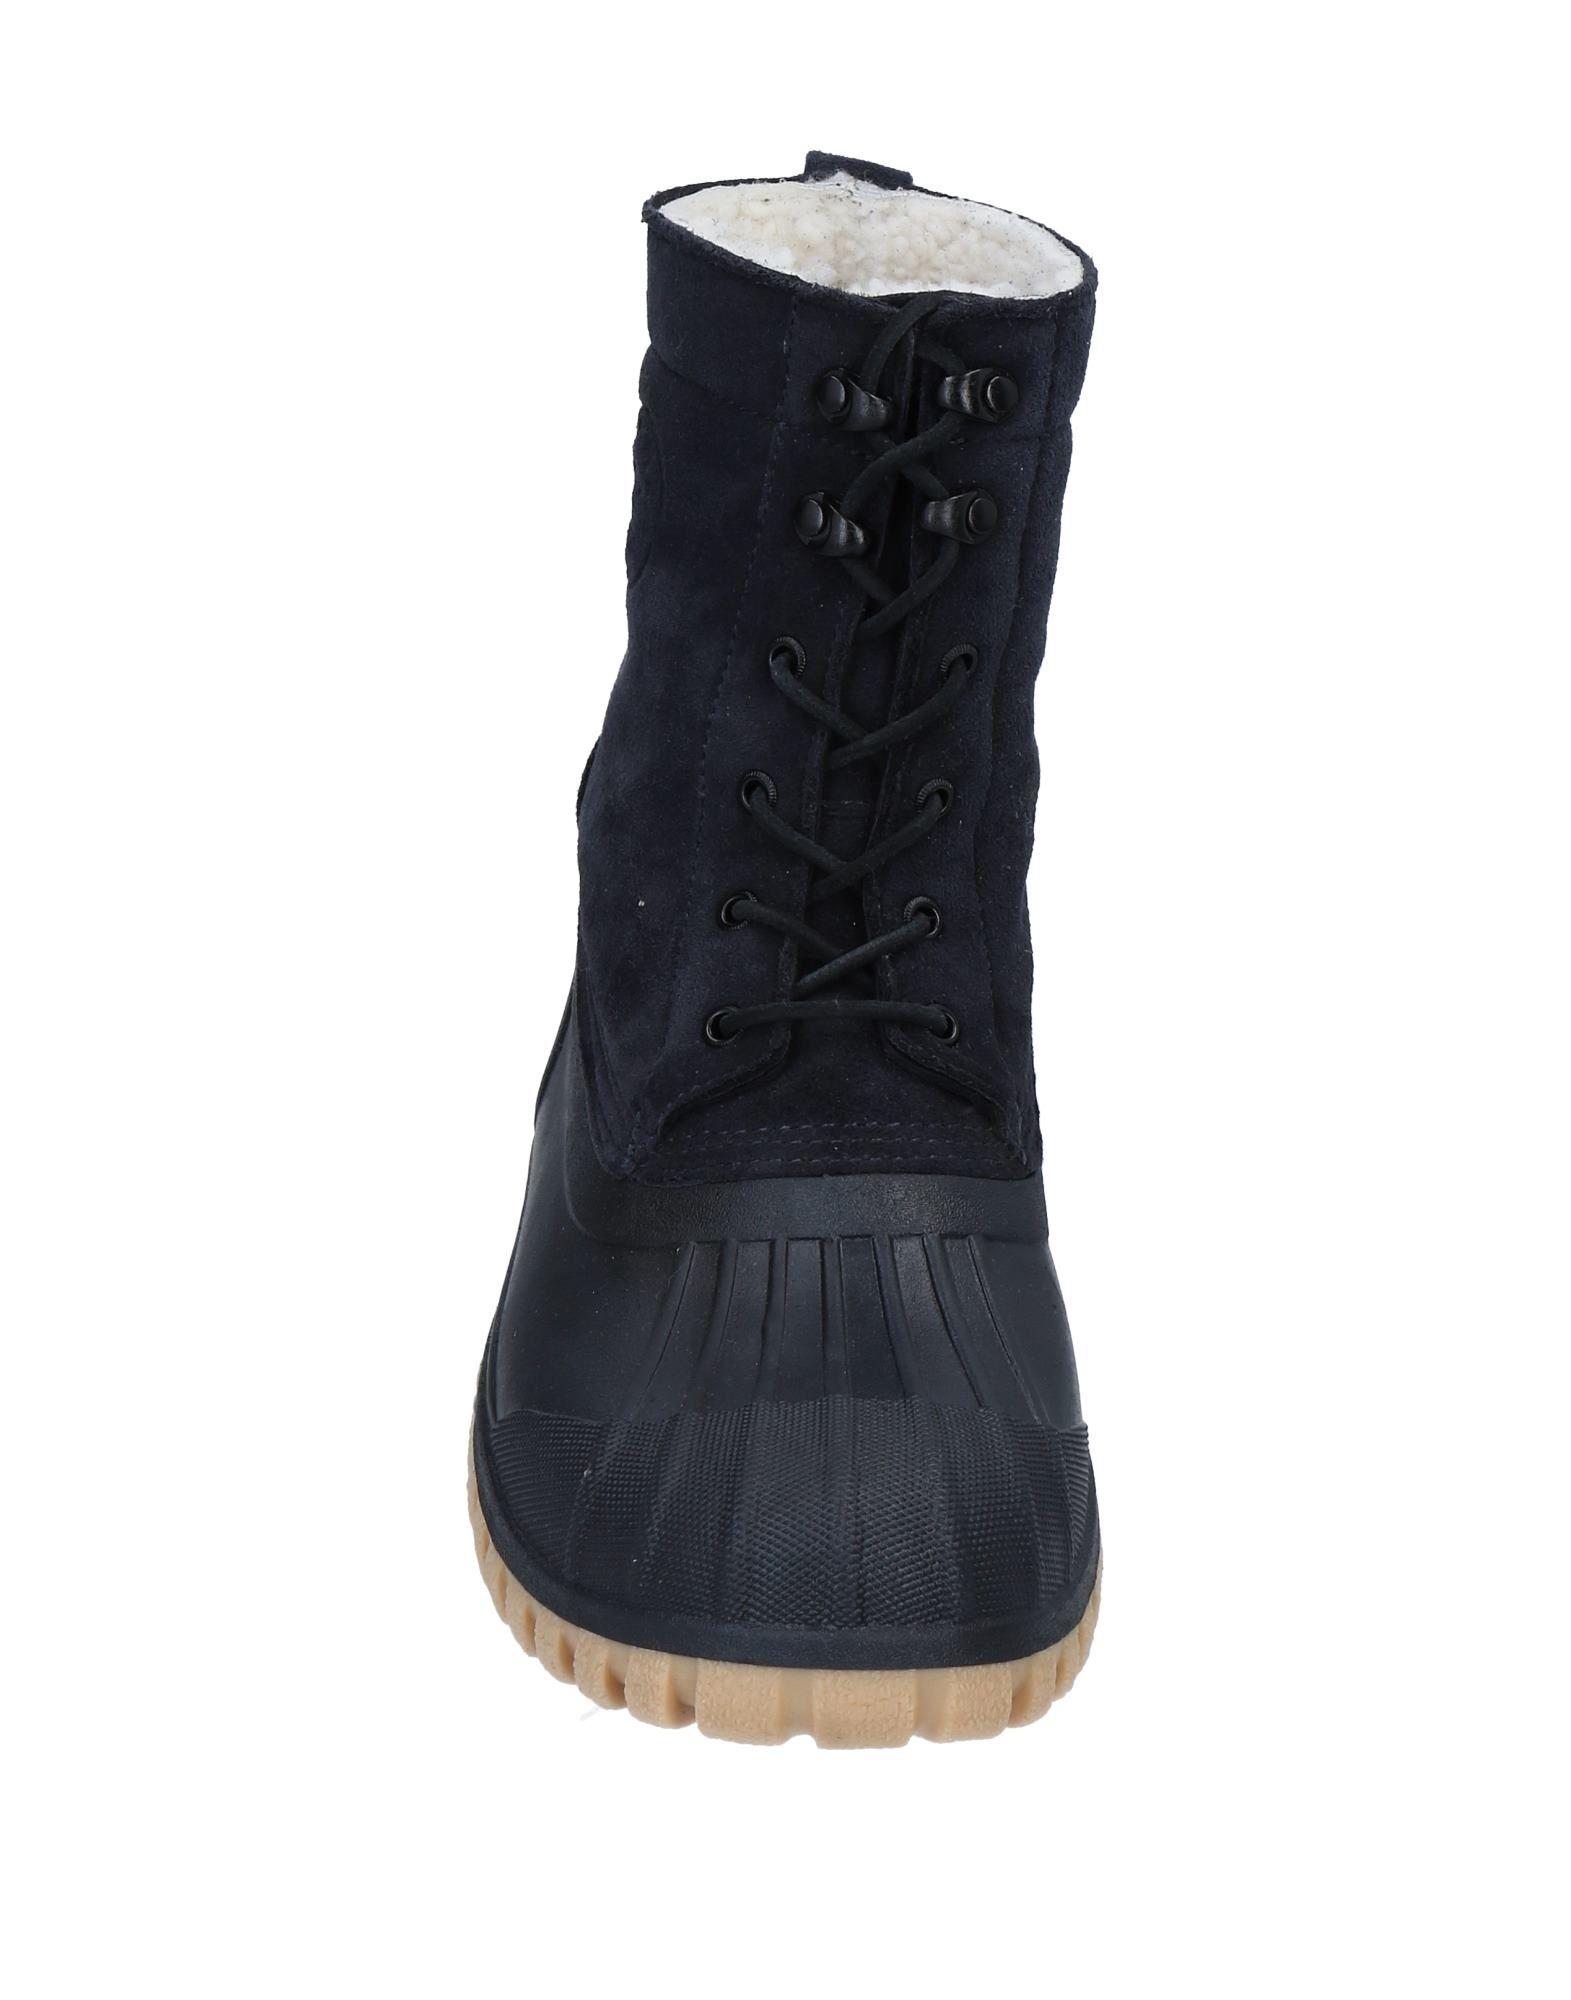 Diemme Stiefelette Herren  11531407KJ Gute Qualität beliebte Schuhe